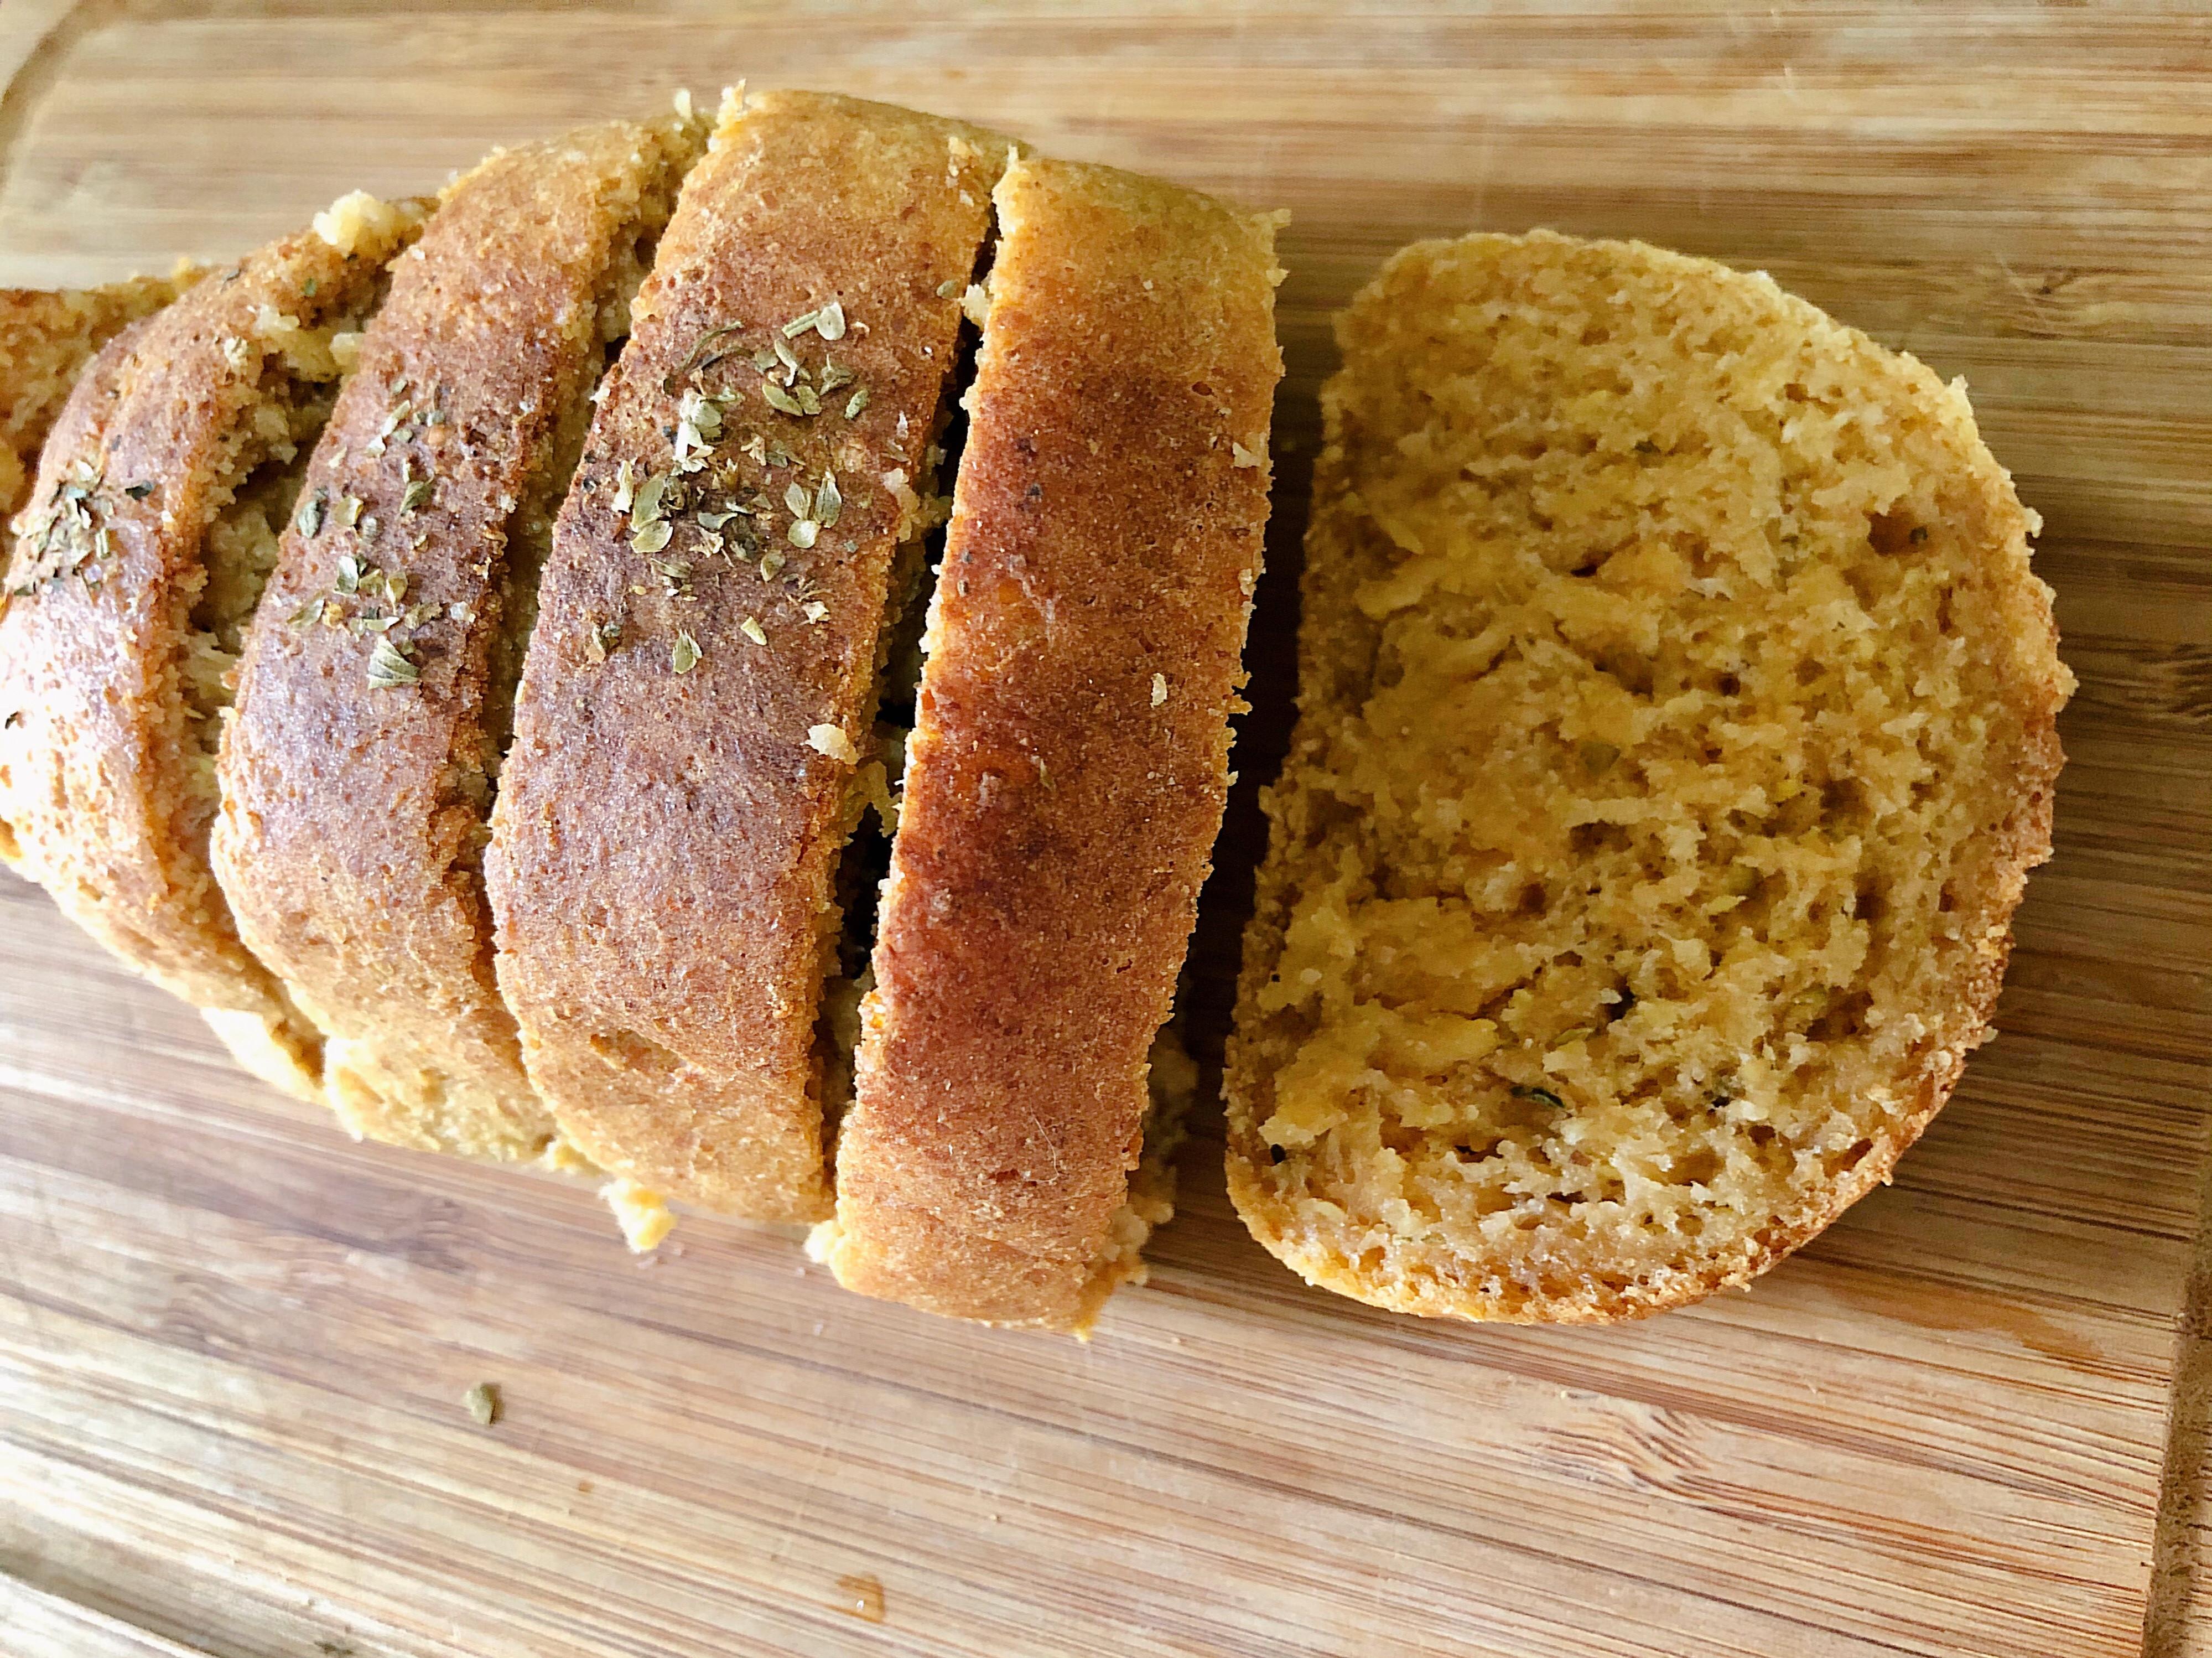 用剩飯做麵包🍚義式蕃茄米麵包🍞無麩質